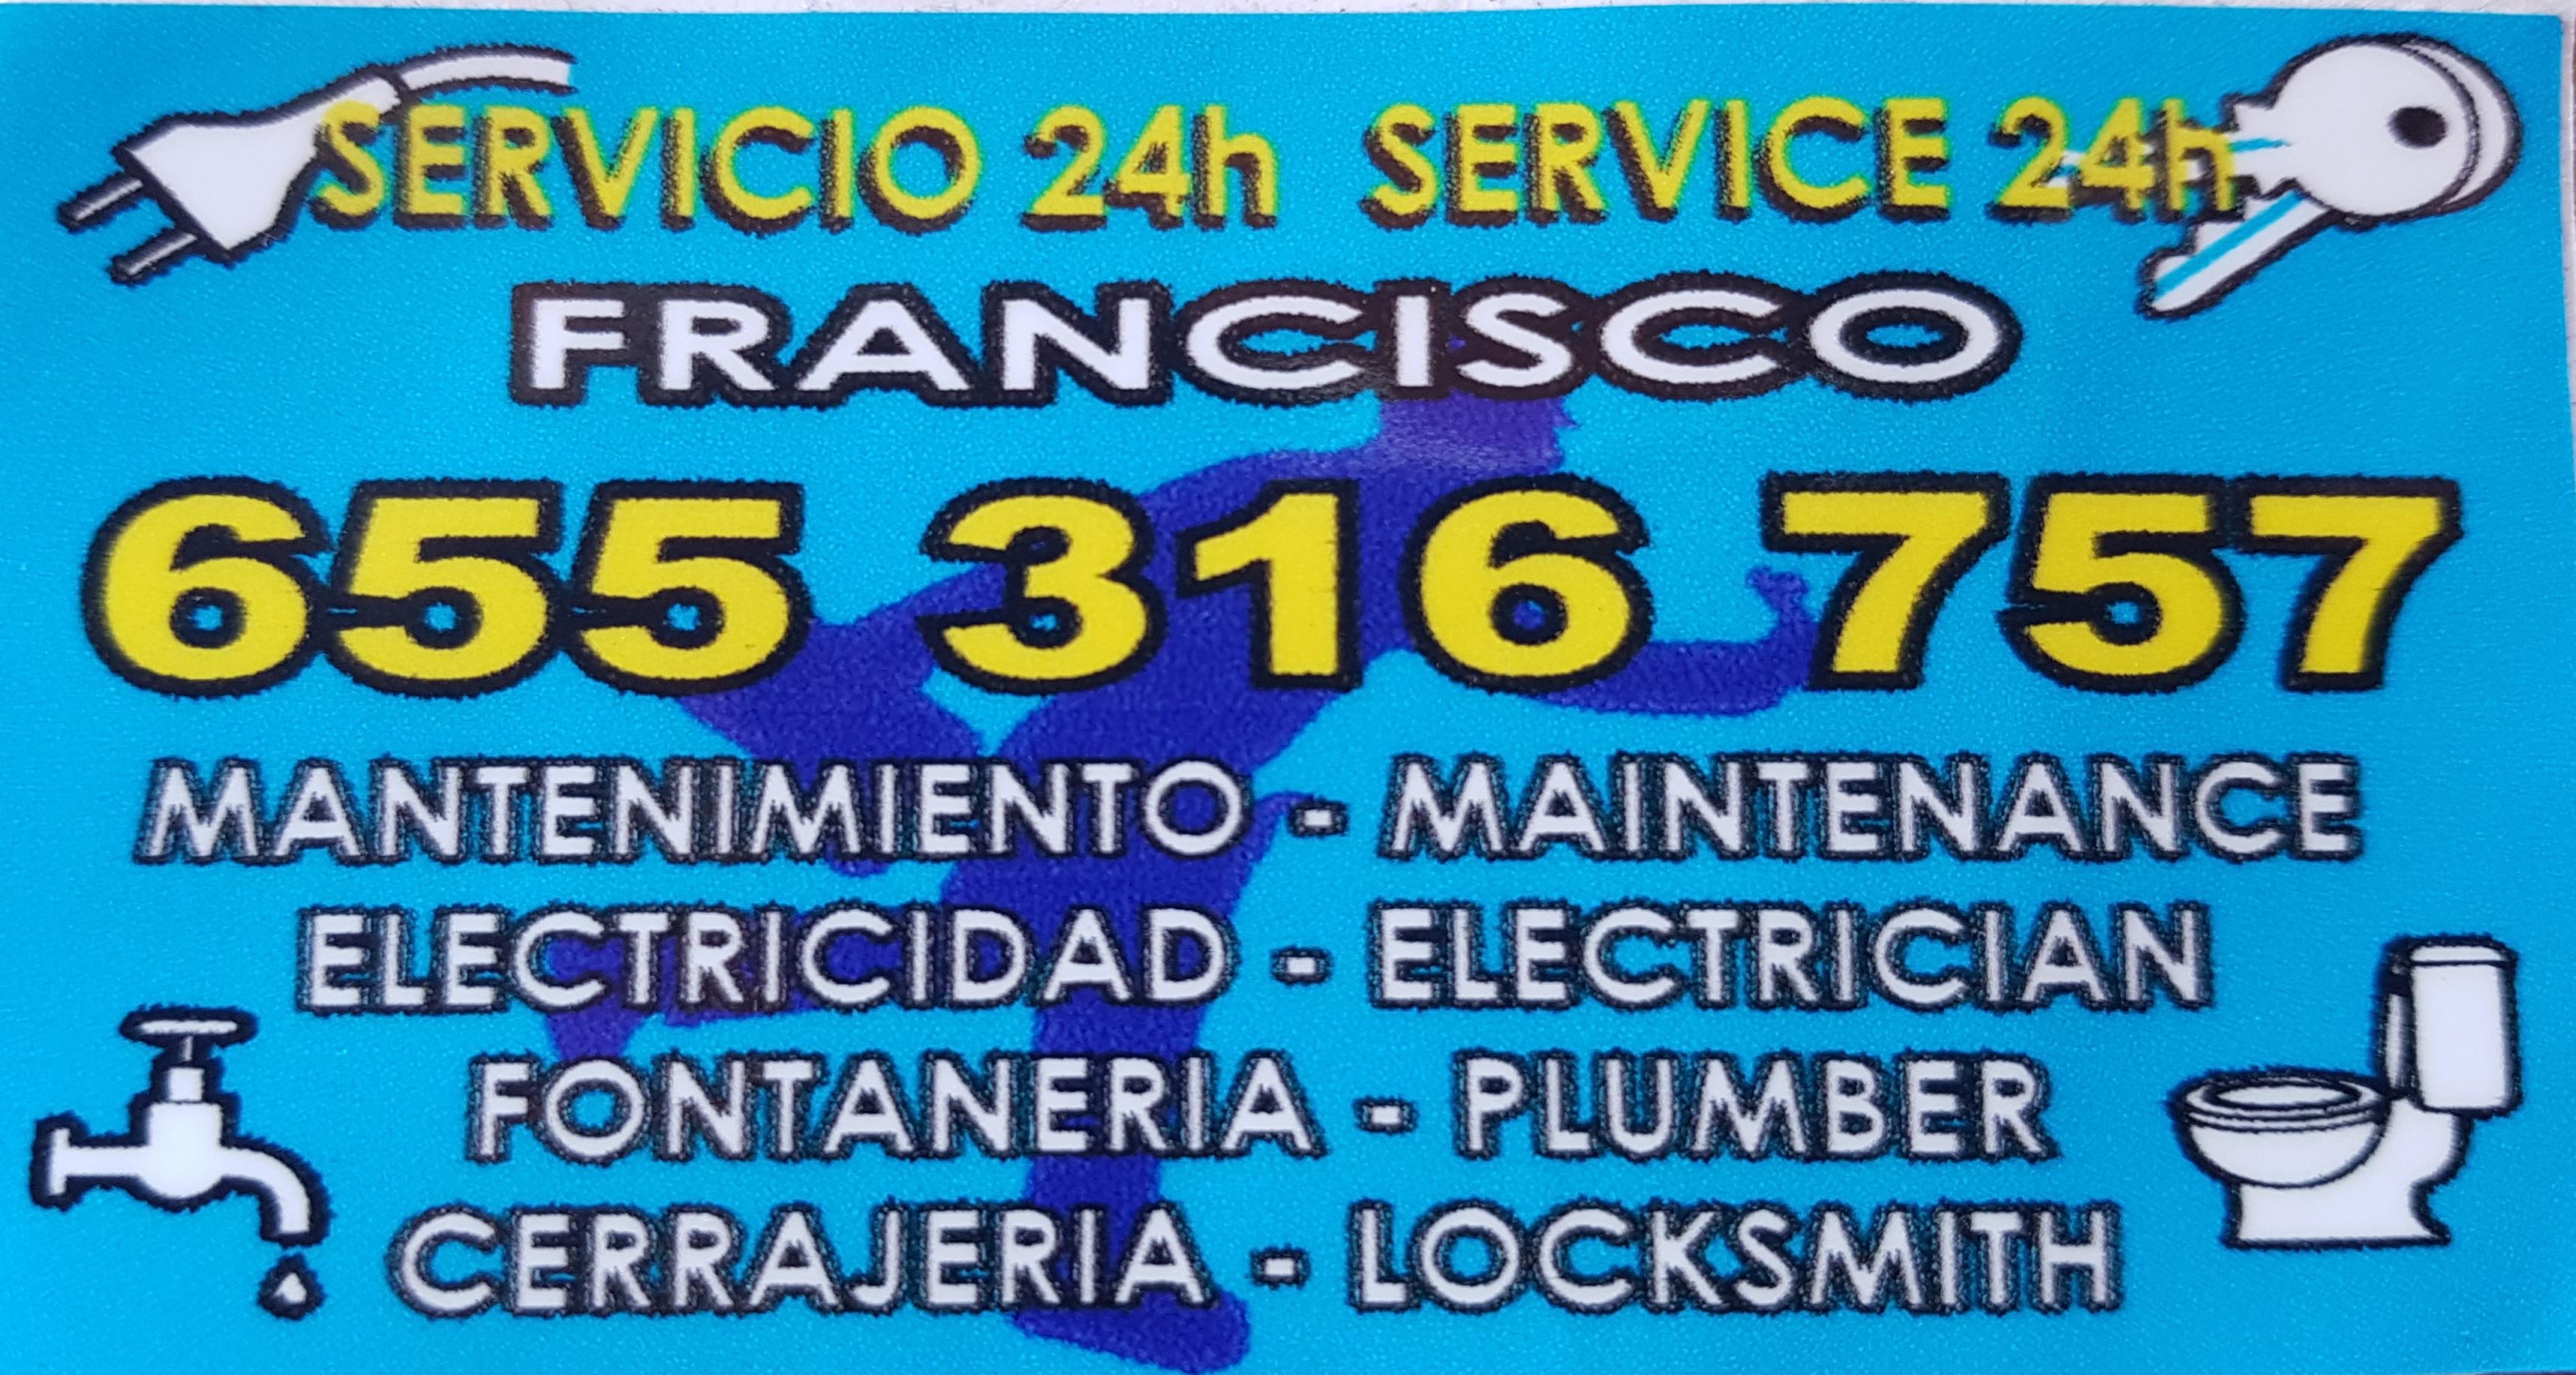 MANTENIMIENTOS ELECTRICIDAD, FONTANERÍA Y CERRAJERÍA FRANCISCO SERVICIO 24 HORAS